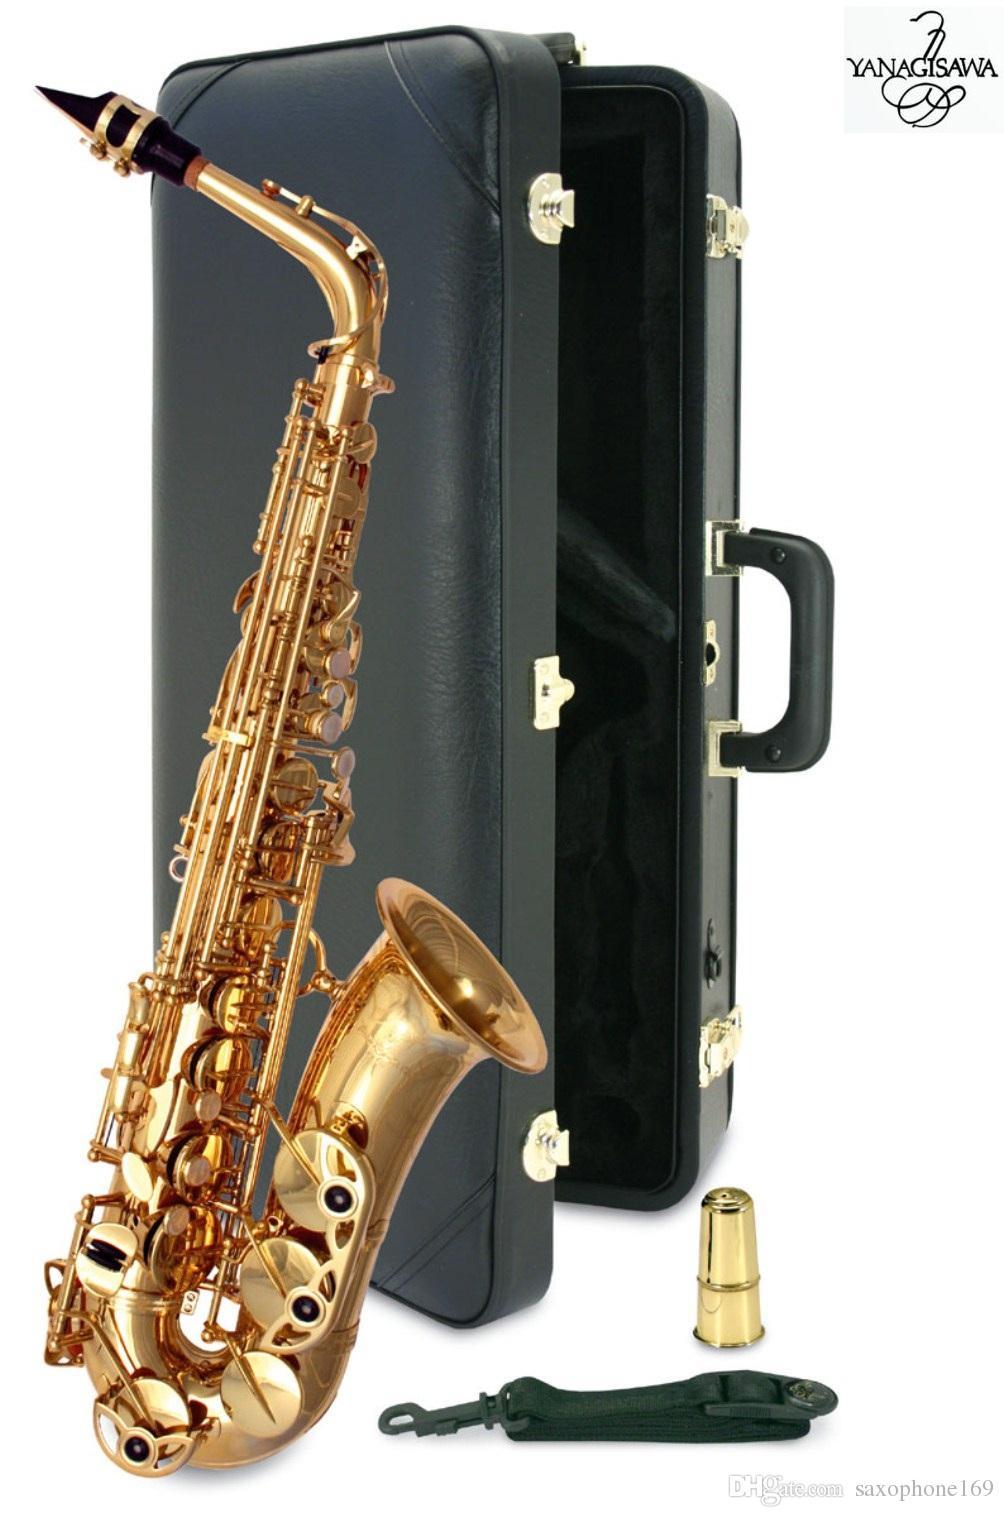 Nuevo YANAGISAWA A-992 Saxofón alto Saxofón de laca de oro Instrumentos musicales profesionales con boquilla, estuche